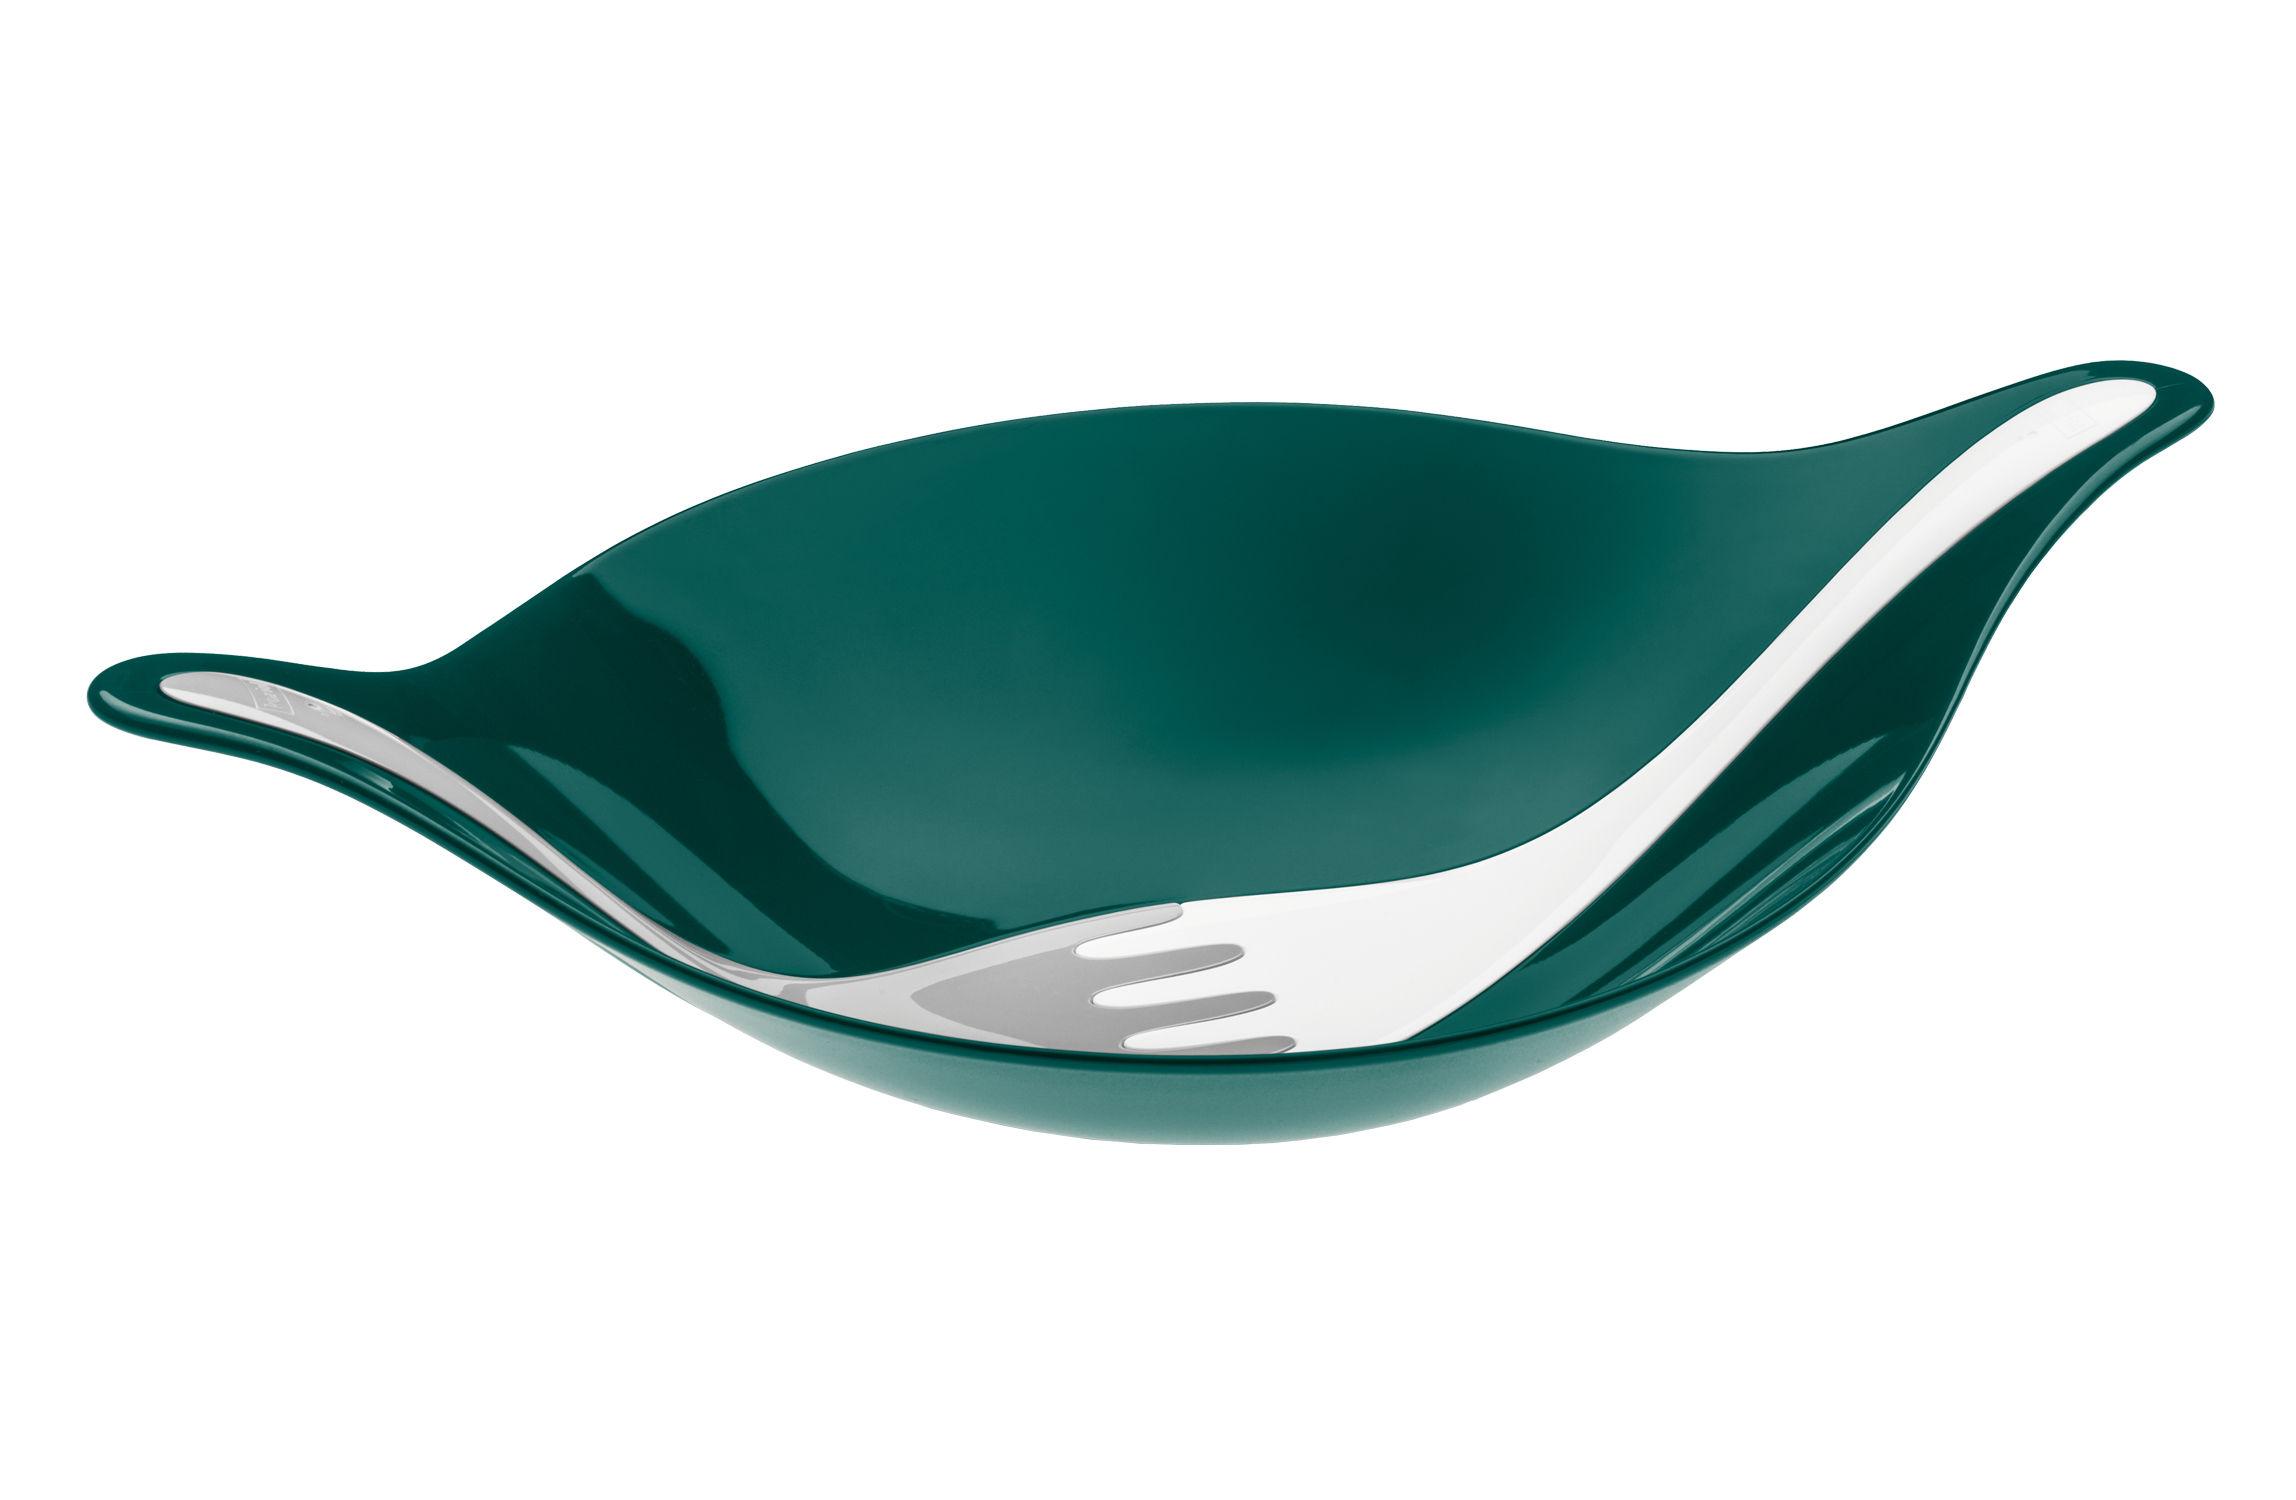 Arts de la table - Saladiers, coupes et bols - Saladier Leaf L+ / 3 L - Avec couverts - Koziol - Vert sapin / Couverts coton & gris - Plastique